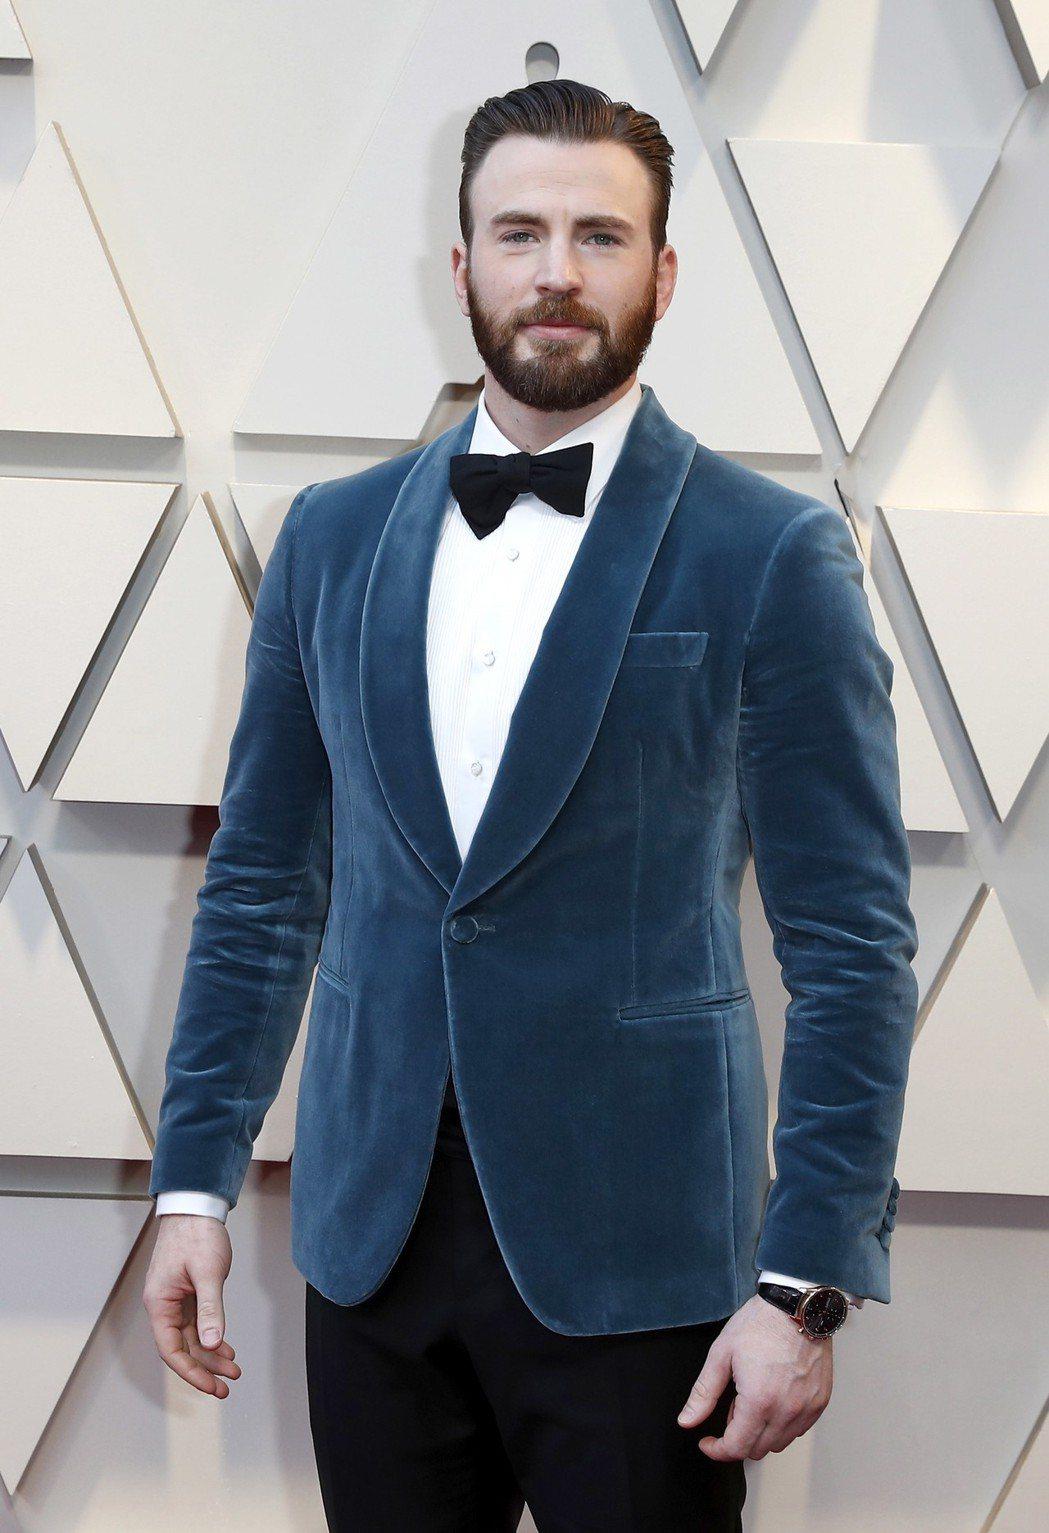 克里斯伊凡的奧斯卡典禮造型靈感來自迪士尼電影的王子。圖/歐新社資料照片